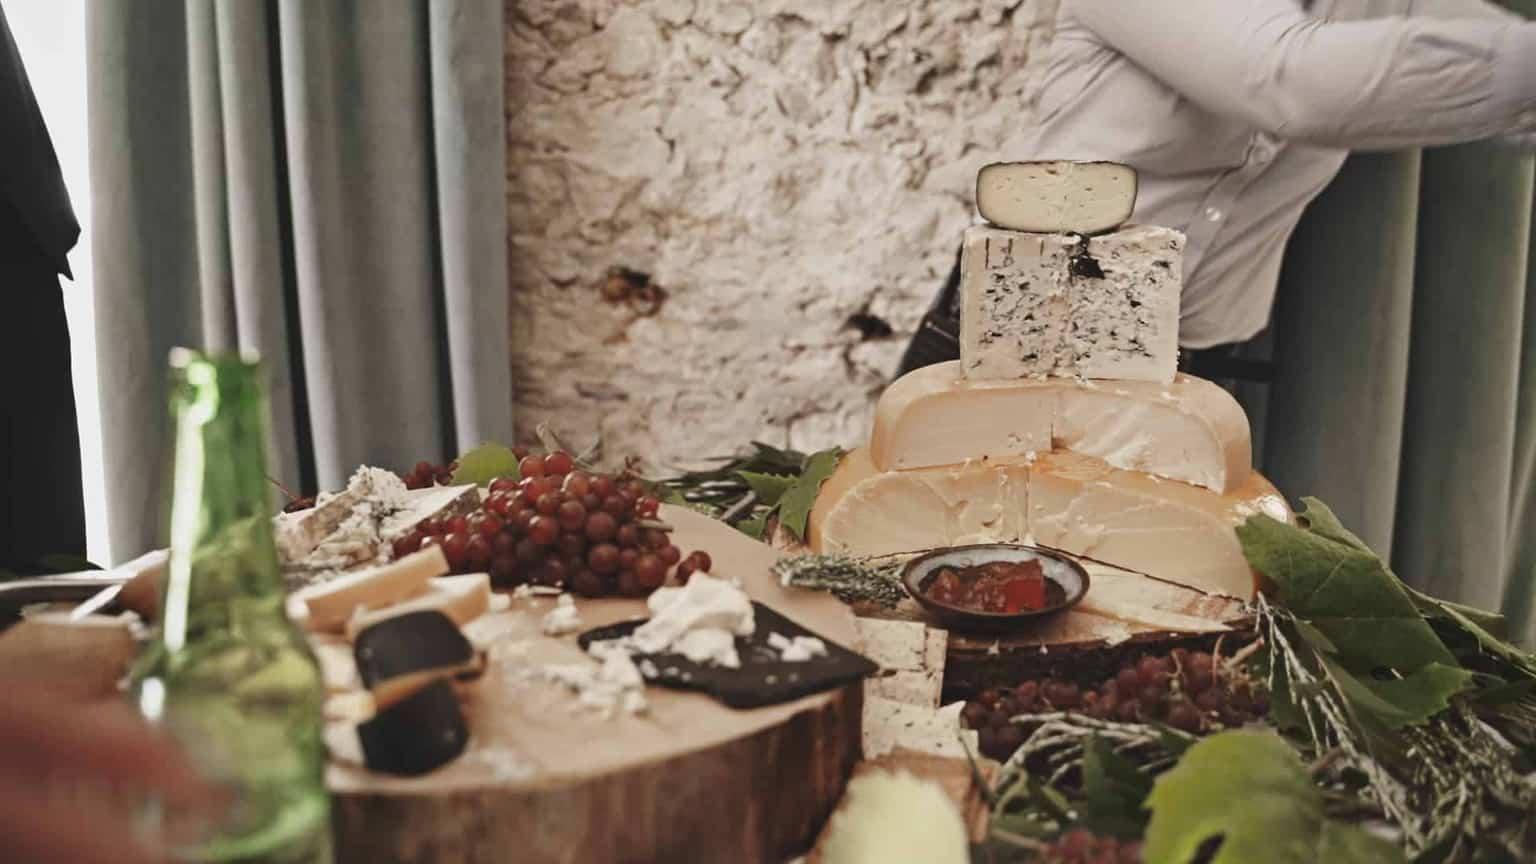 cheese cake on wedding